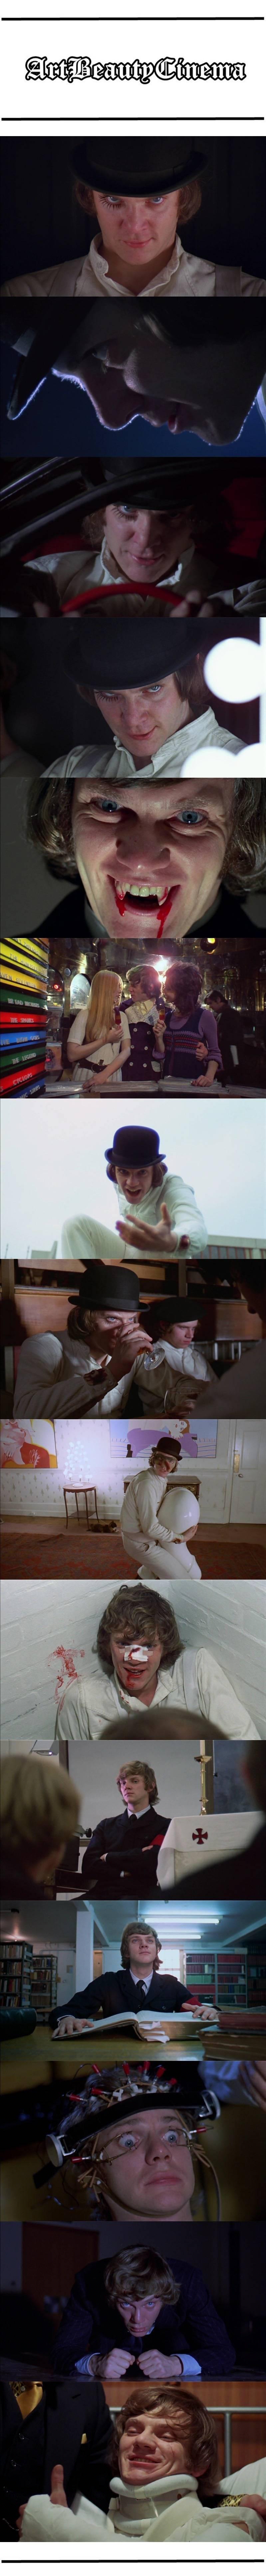 히스 레저가 조커를 연기하기 위해 참고한 캐릭터 | 인스티즈